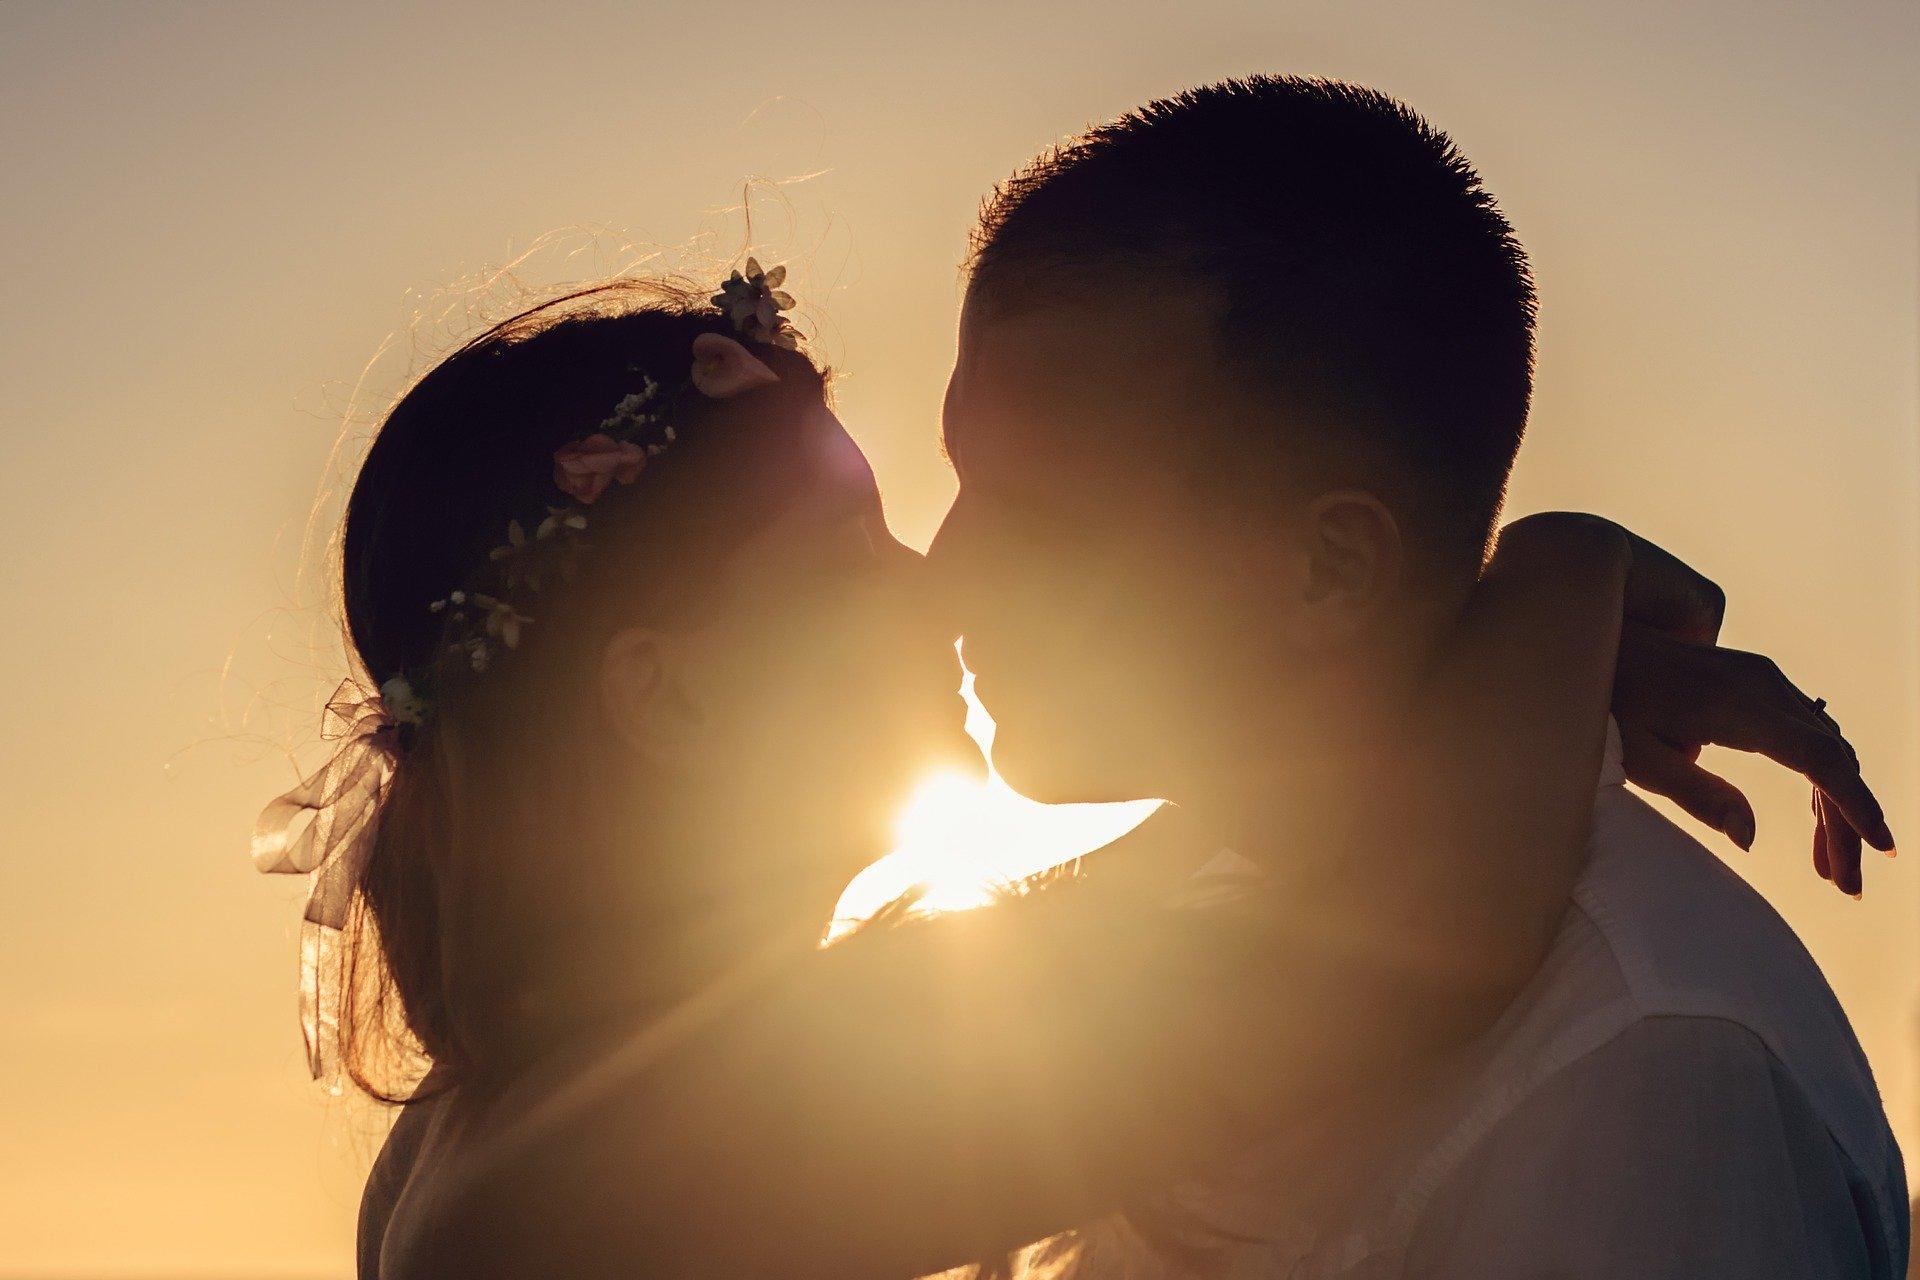 ■既婚男性が本気になったらどうなる?不倫に本気になった既婚者男性の行動の変化とあの人を本気にさせる方法